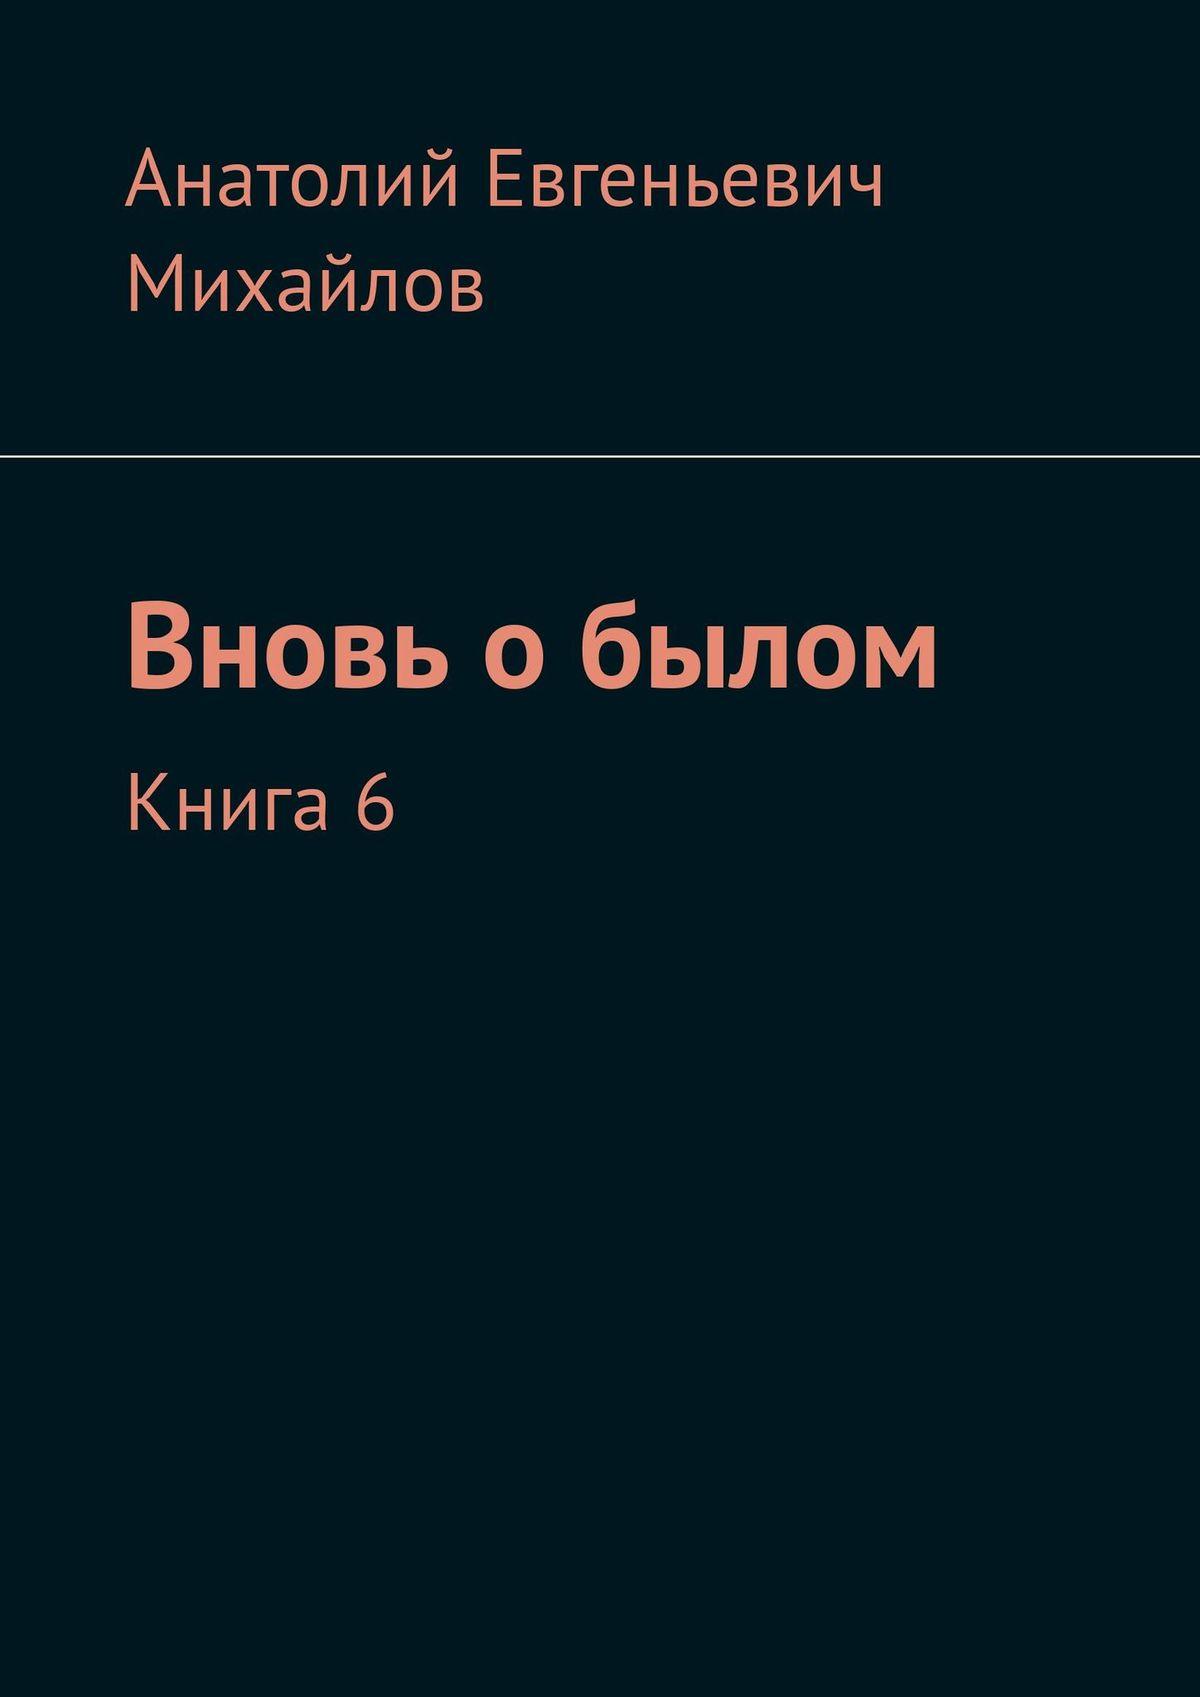 Анатолий Михайлов Вновь обылом. Книга 6 анатолий субботин смерть ветра книга стихов